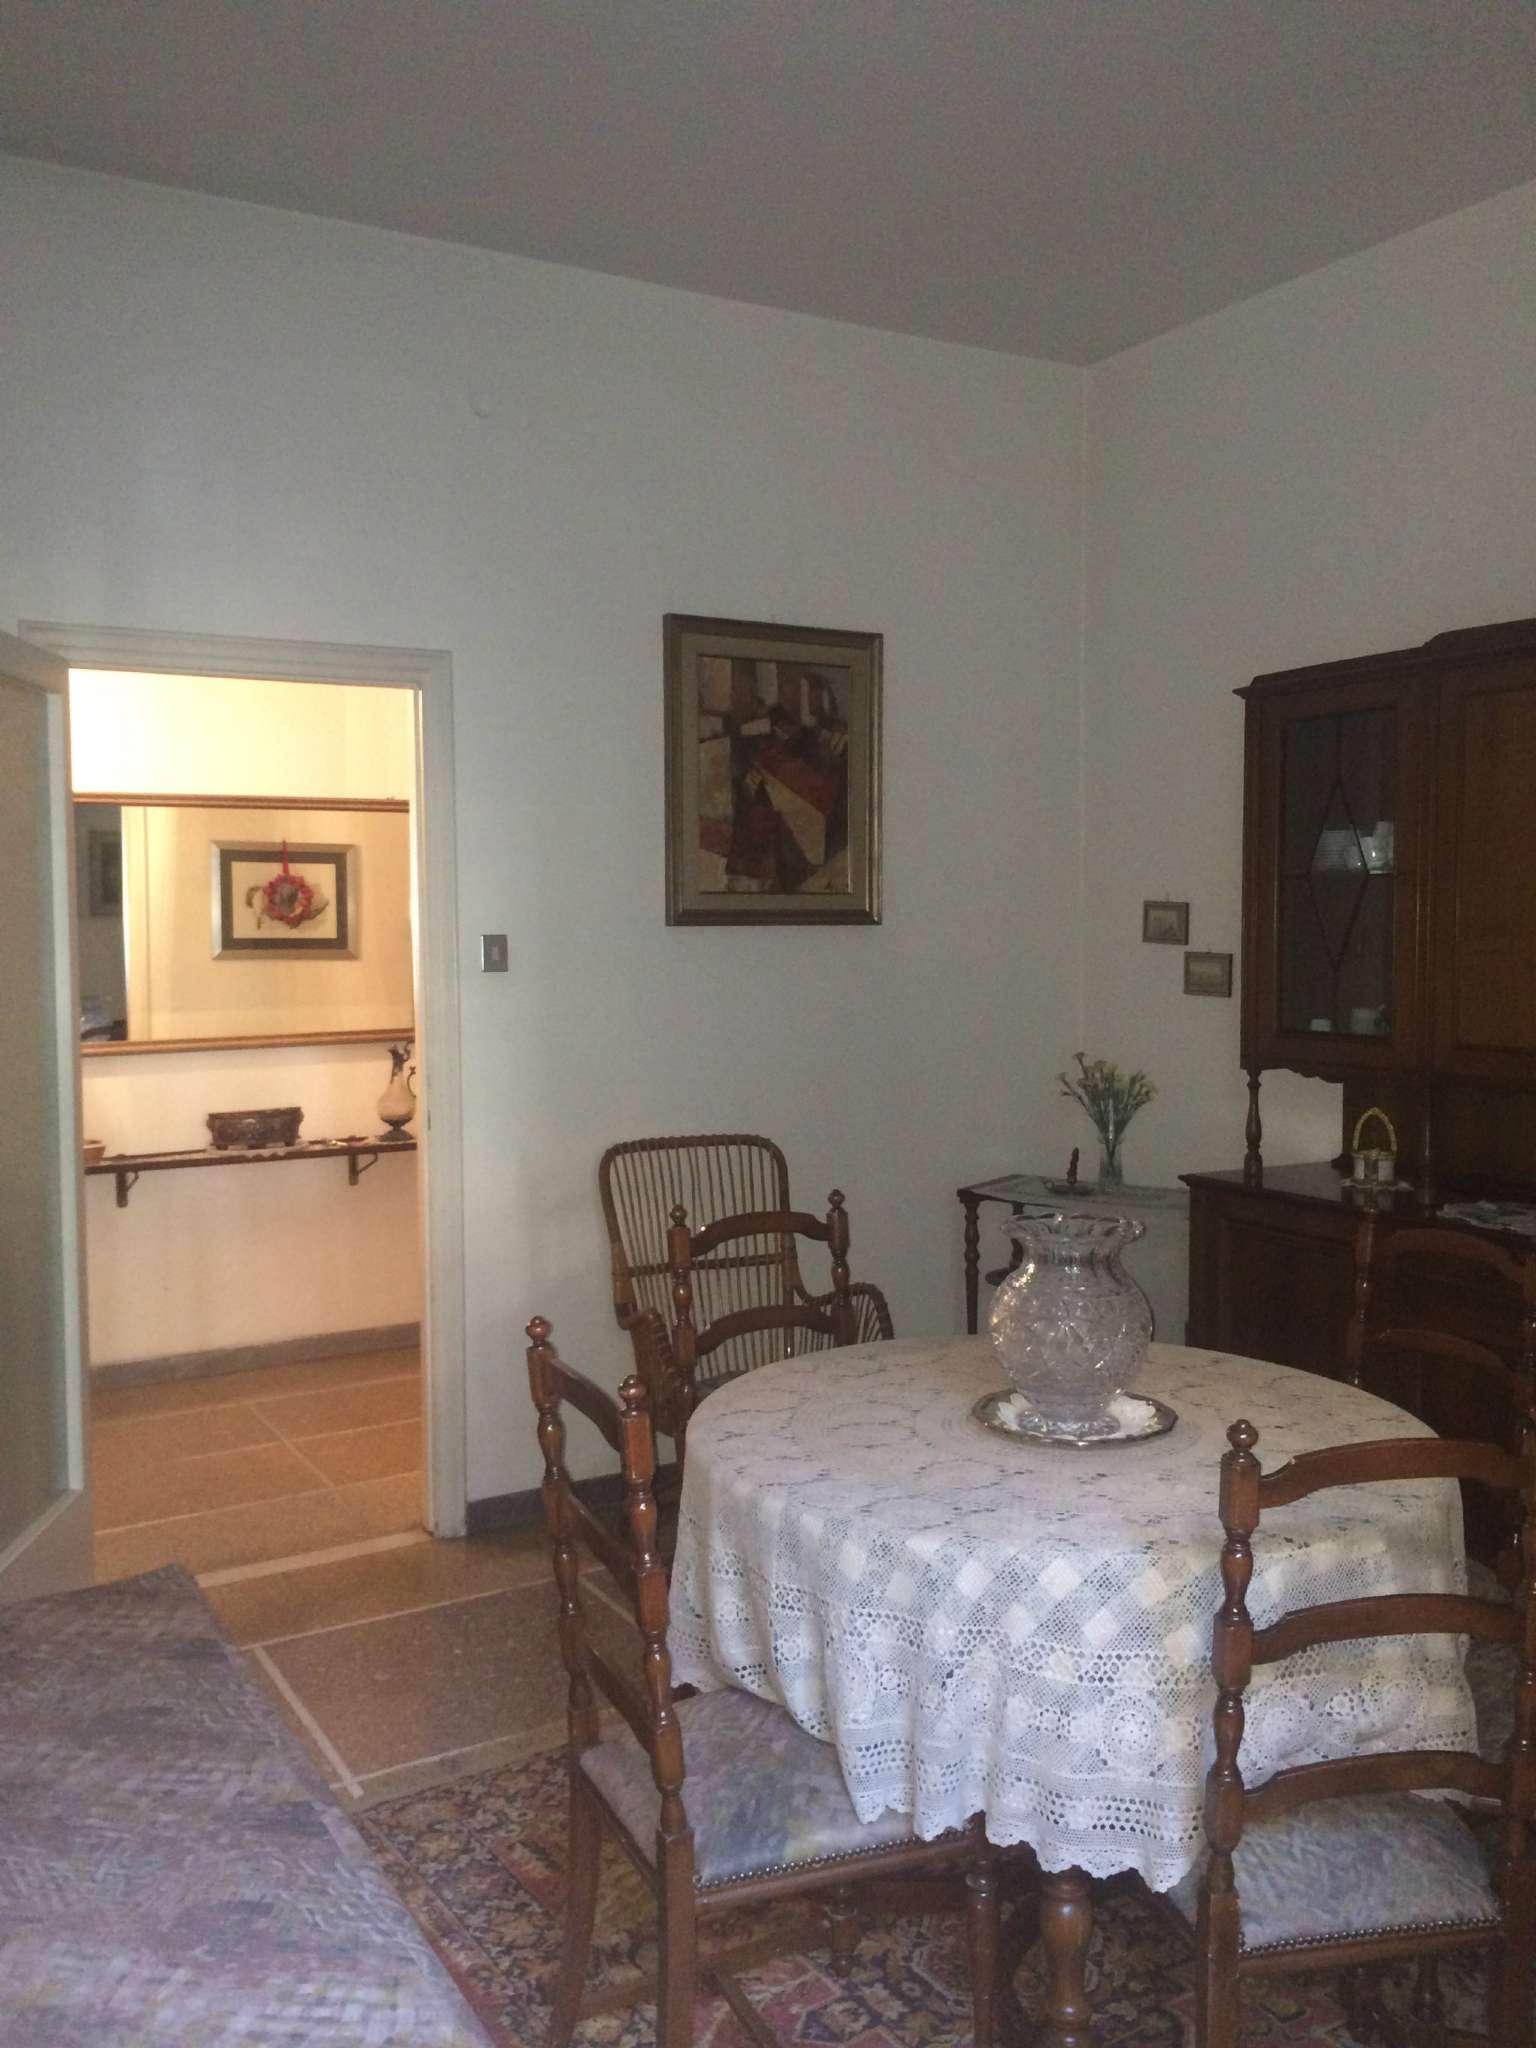 Ufficio studio roma vendita zona 3 trieste for Vendesi ufficio roma